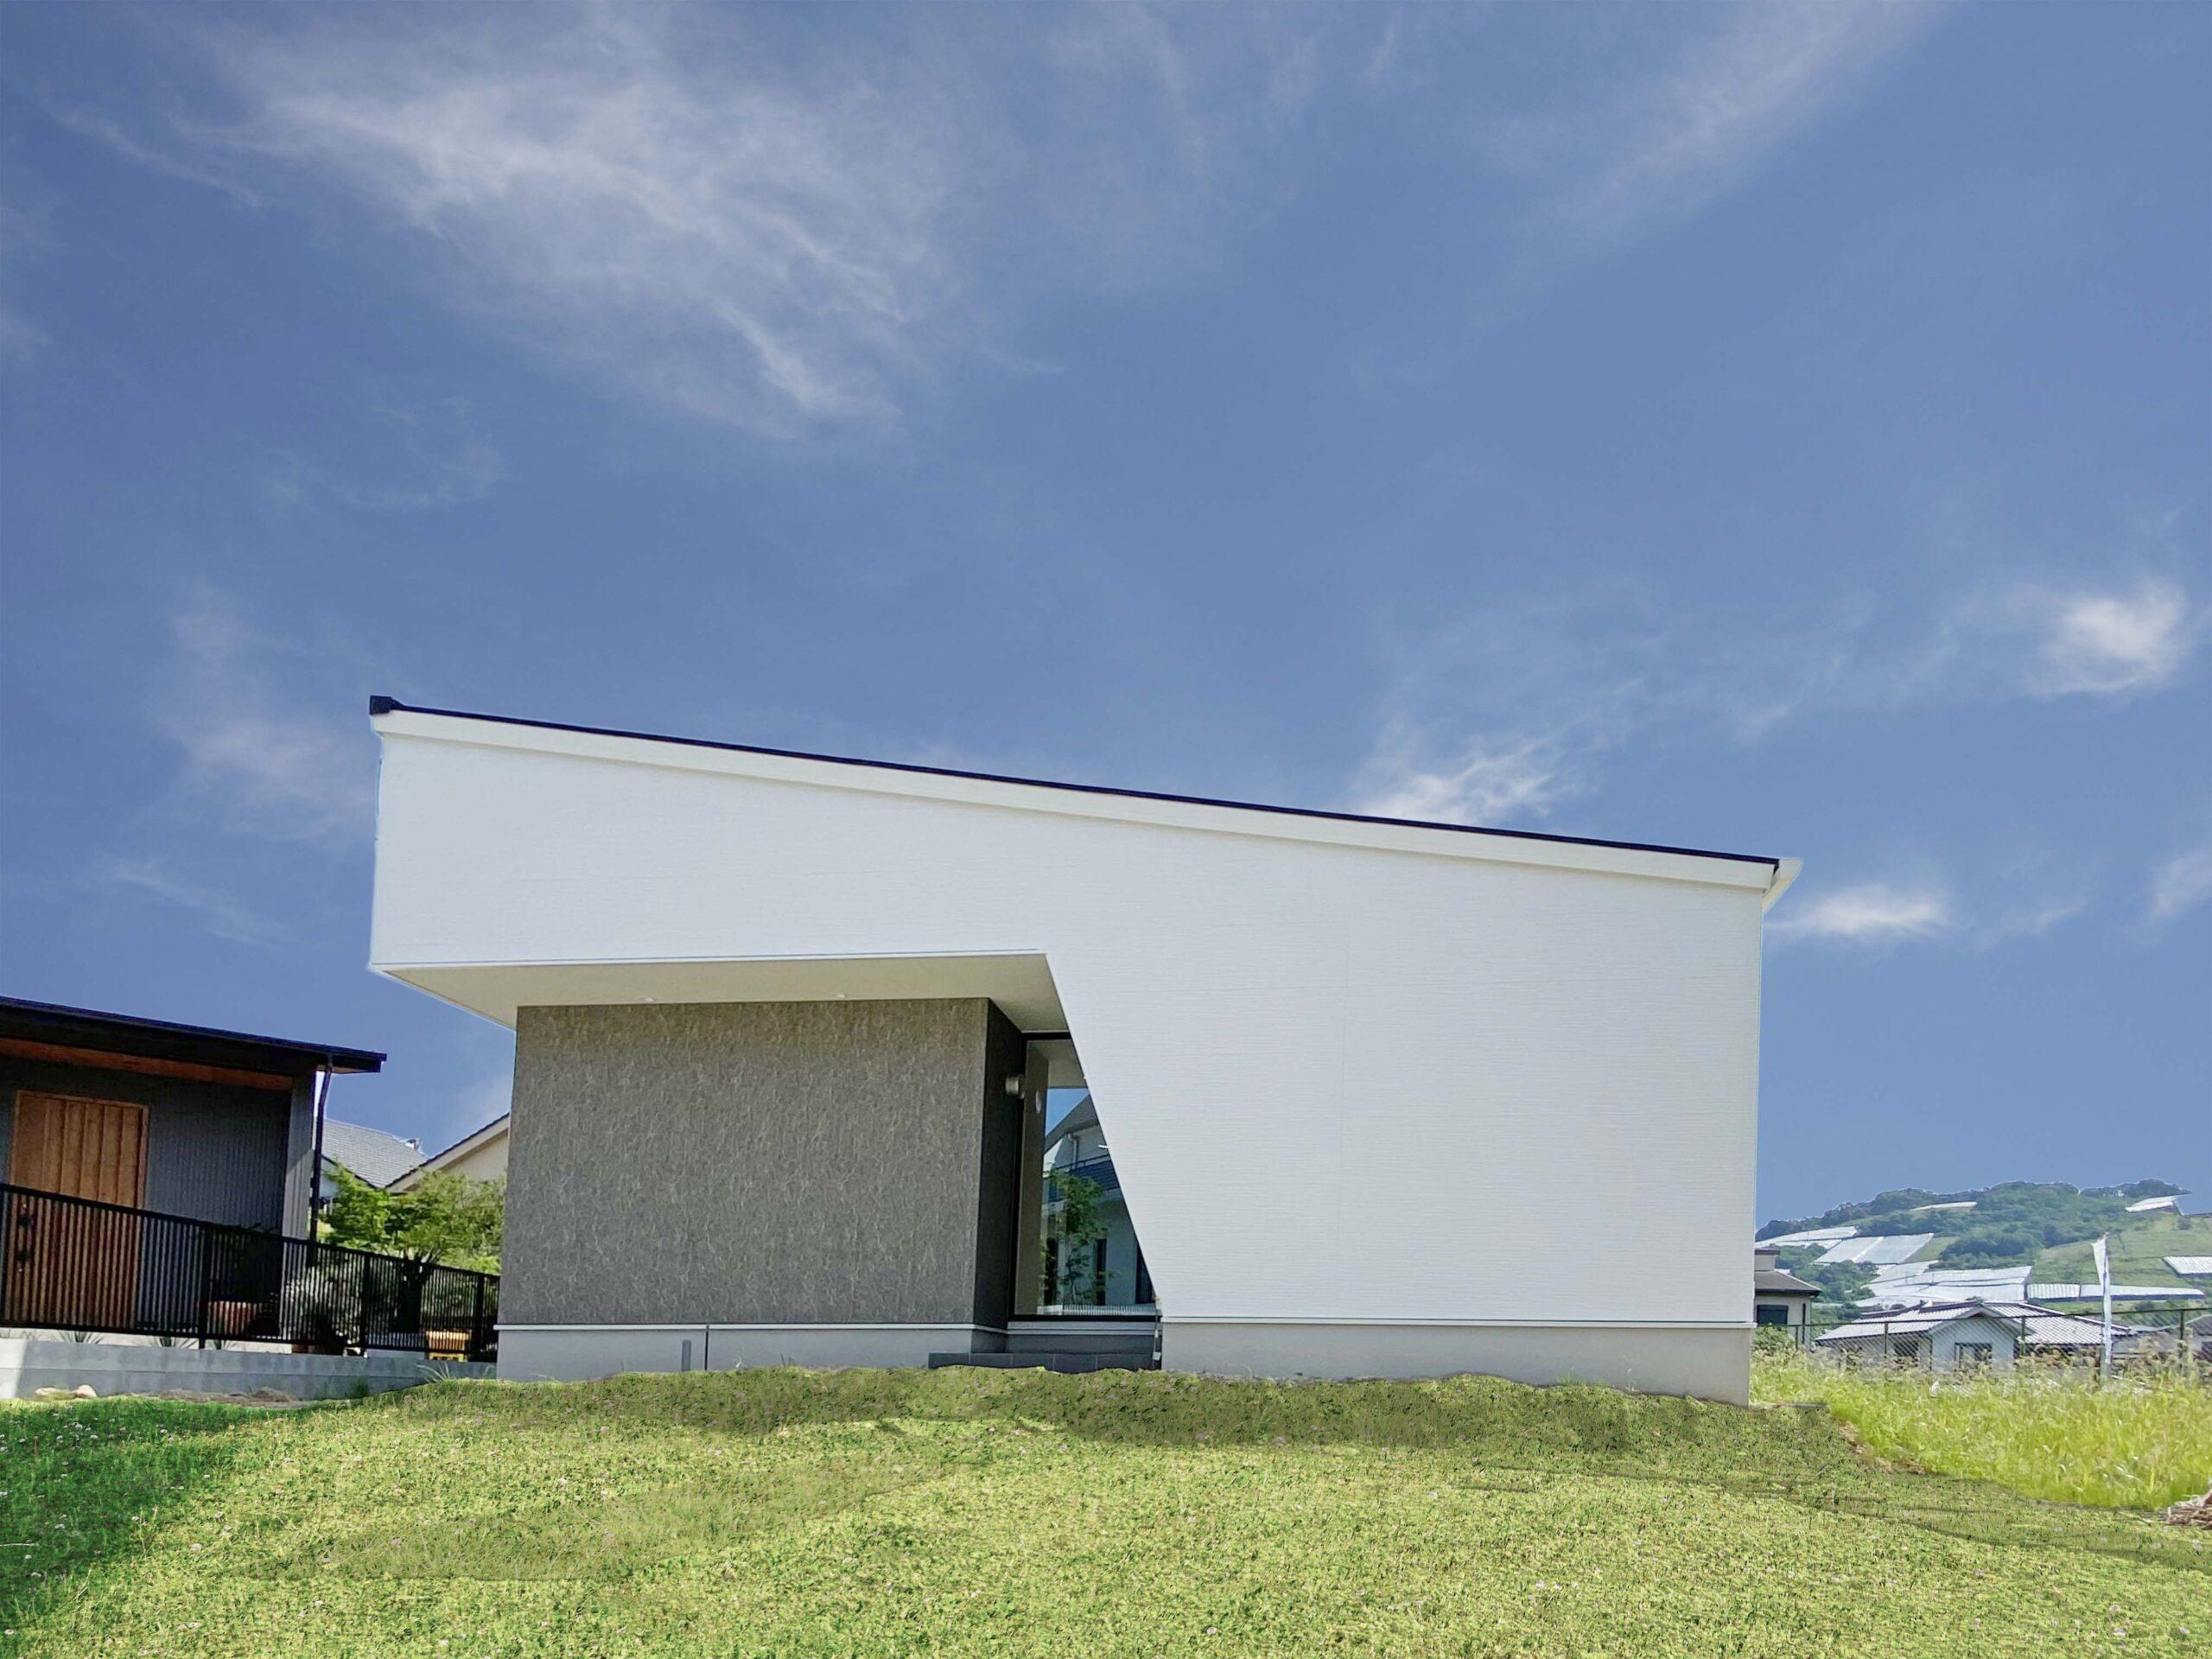 外観は白を基調とした。正面に窓がないのでプライバシーも確保されている。